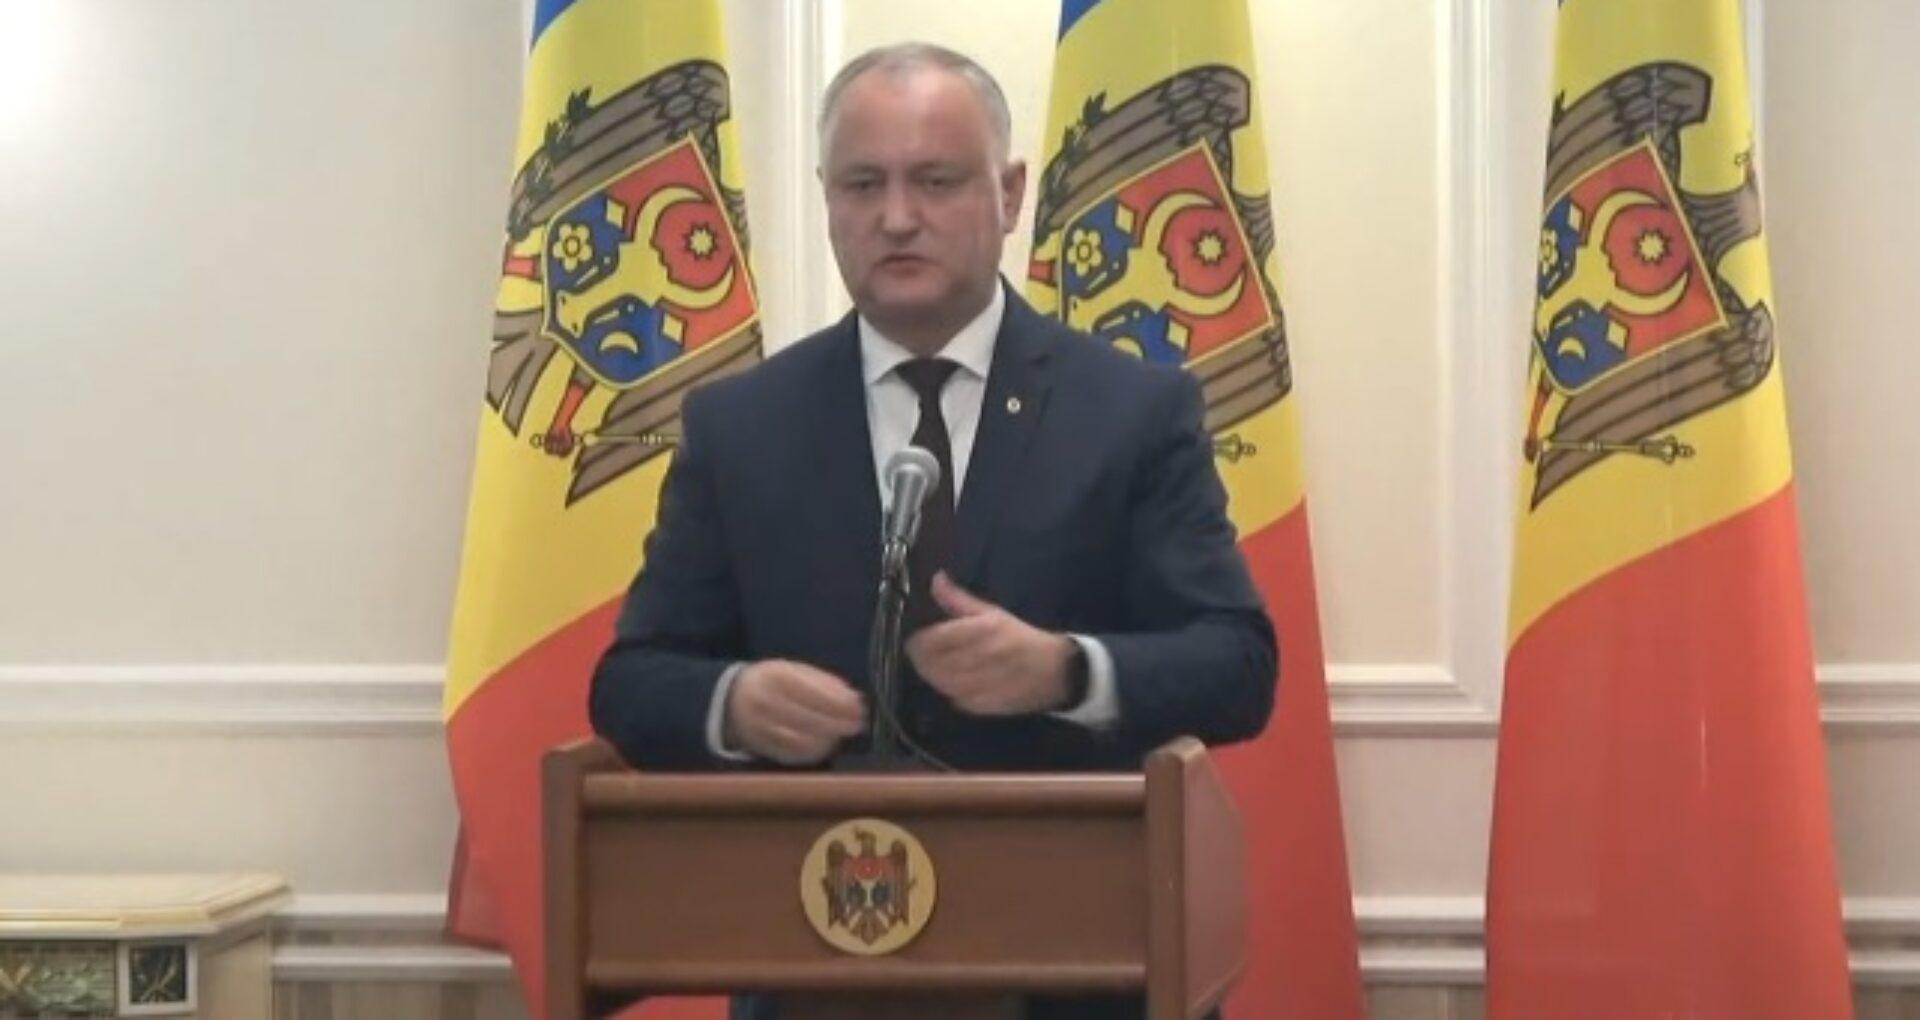 """Primele declarații ale lui Dodon după anunțarea rezultatelor preliminare: """"Preferințele diasporei se află în disonanță cu preferințele populației care trăiește în R. Moldova"""""""